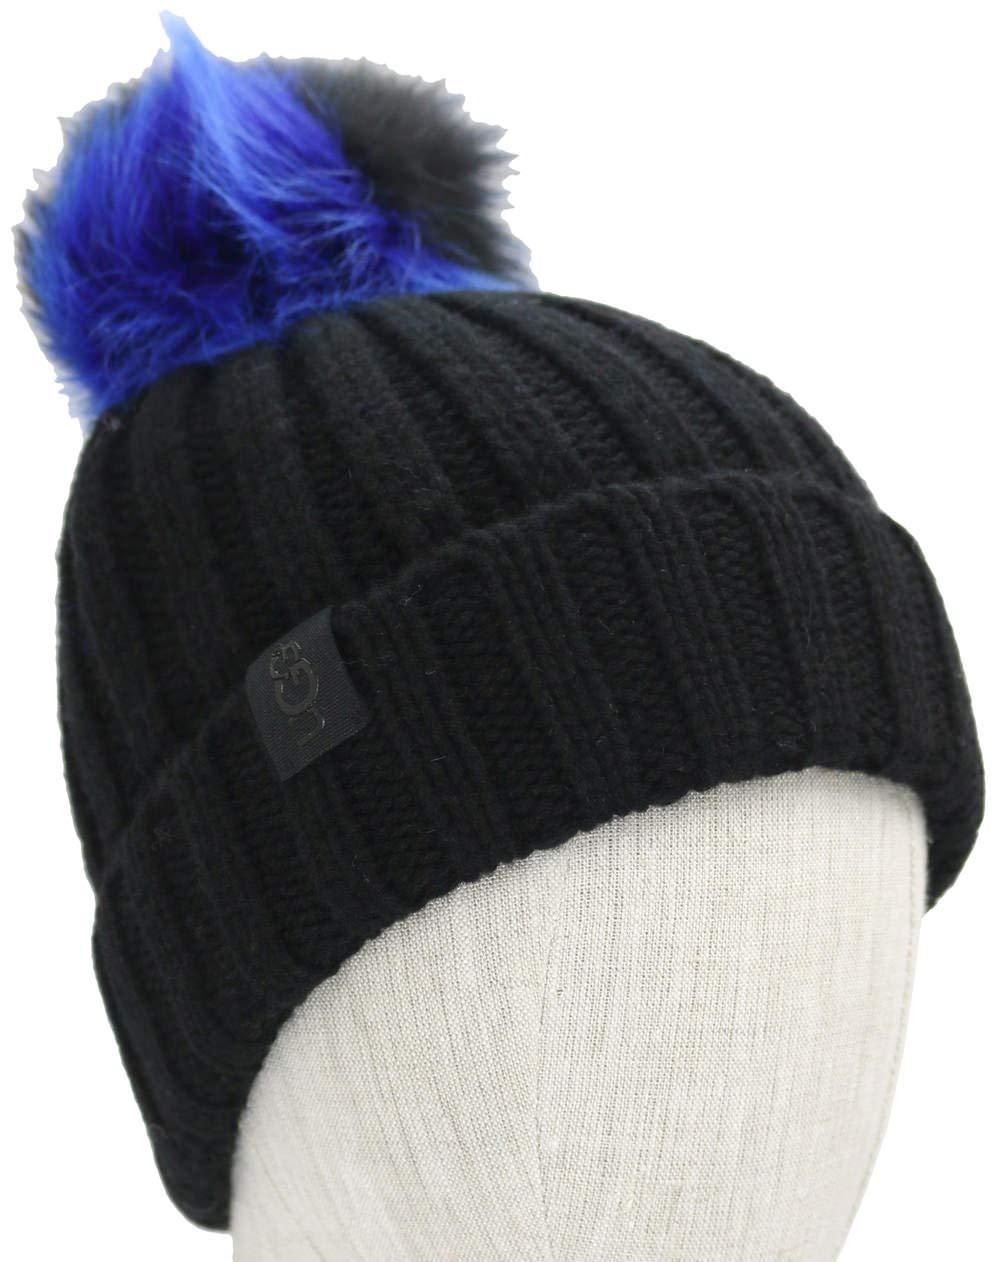 UGG Women's Multicolored Sheepskin Pom Knit Hat Black Multi One Size